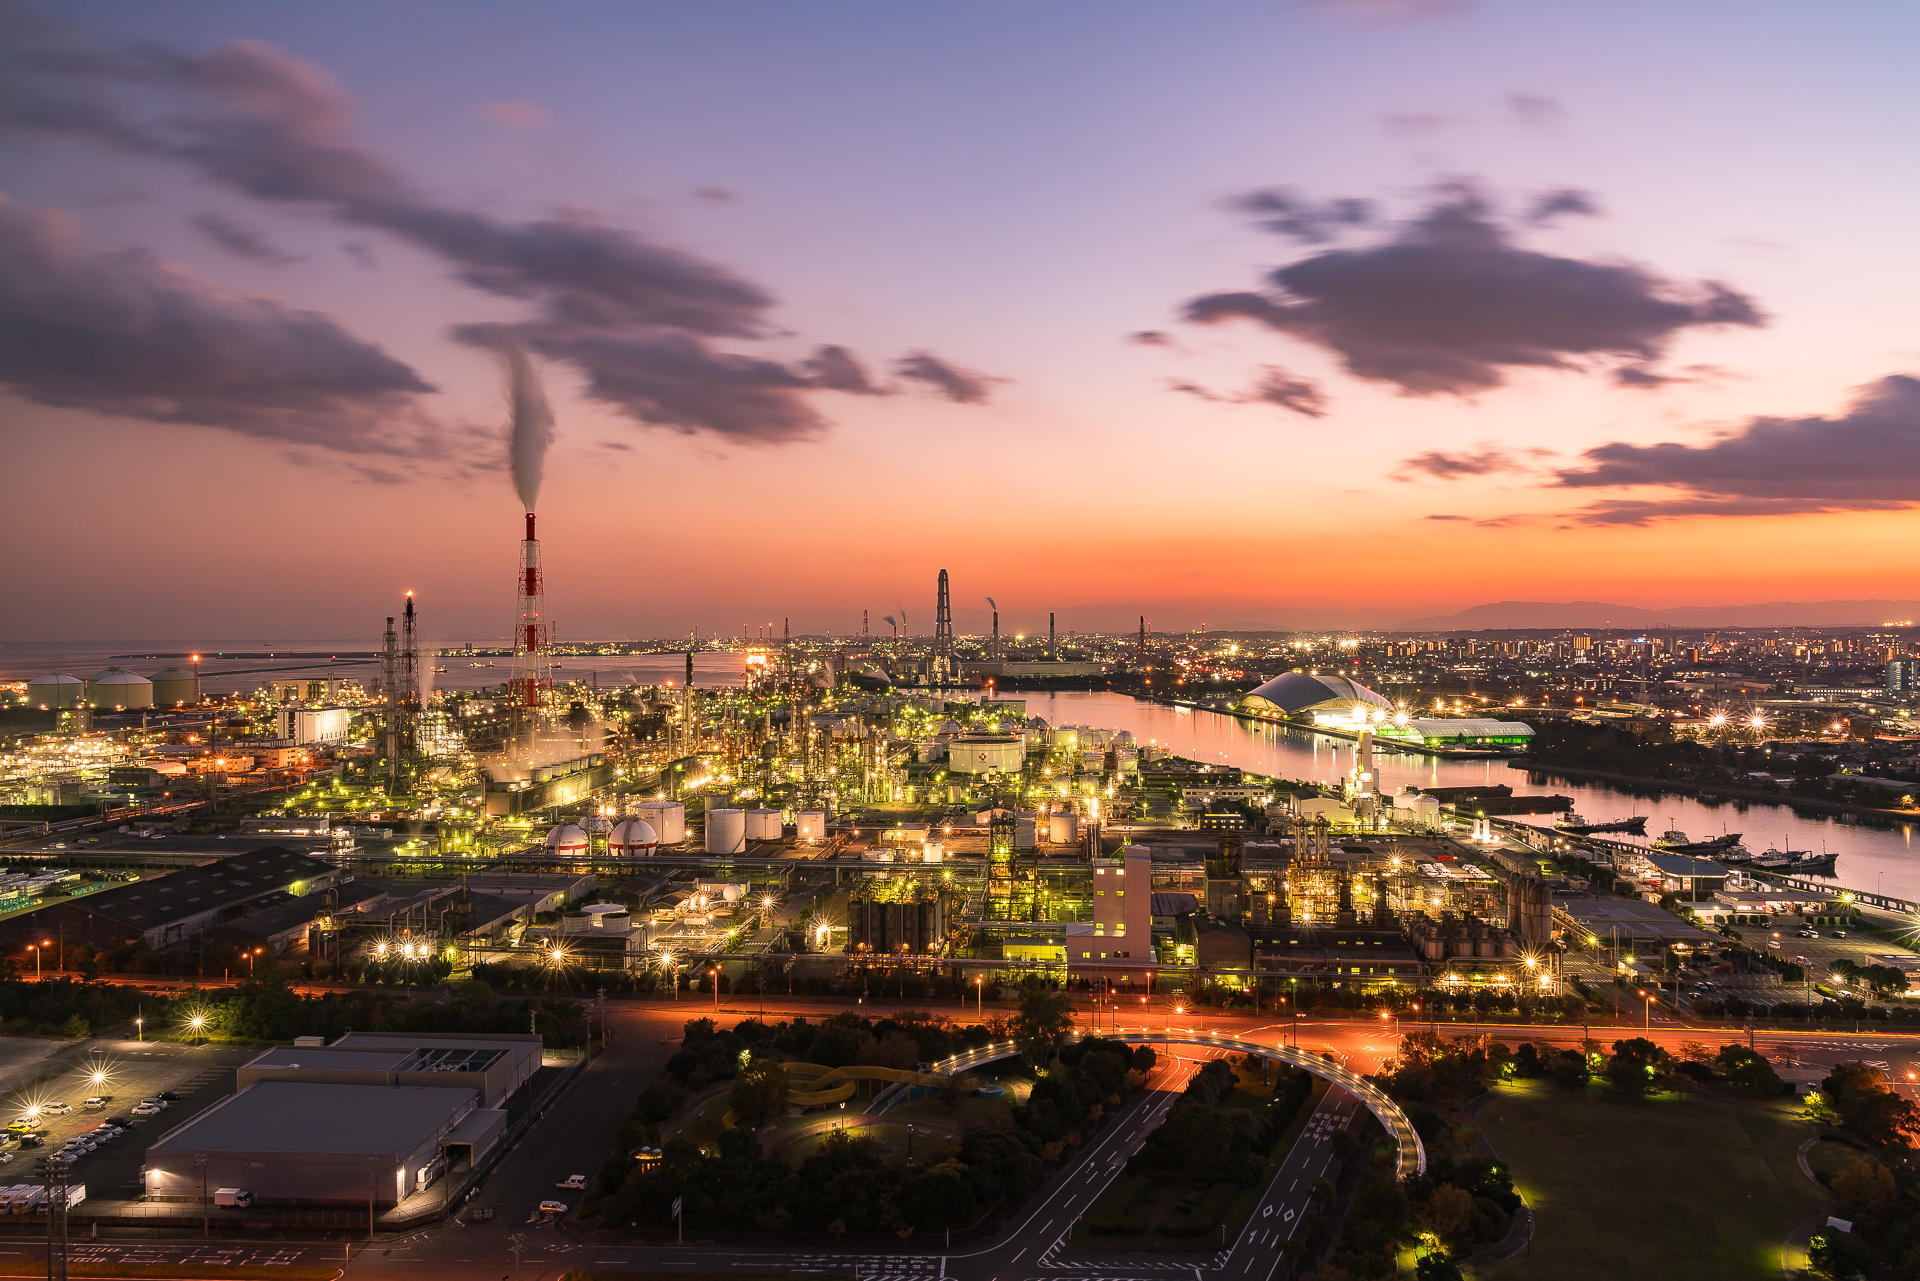 三重県「四日市工場夜景(うみてらす14)」の行き方と撮影スポット